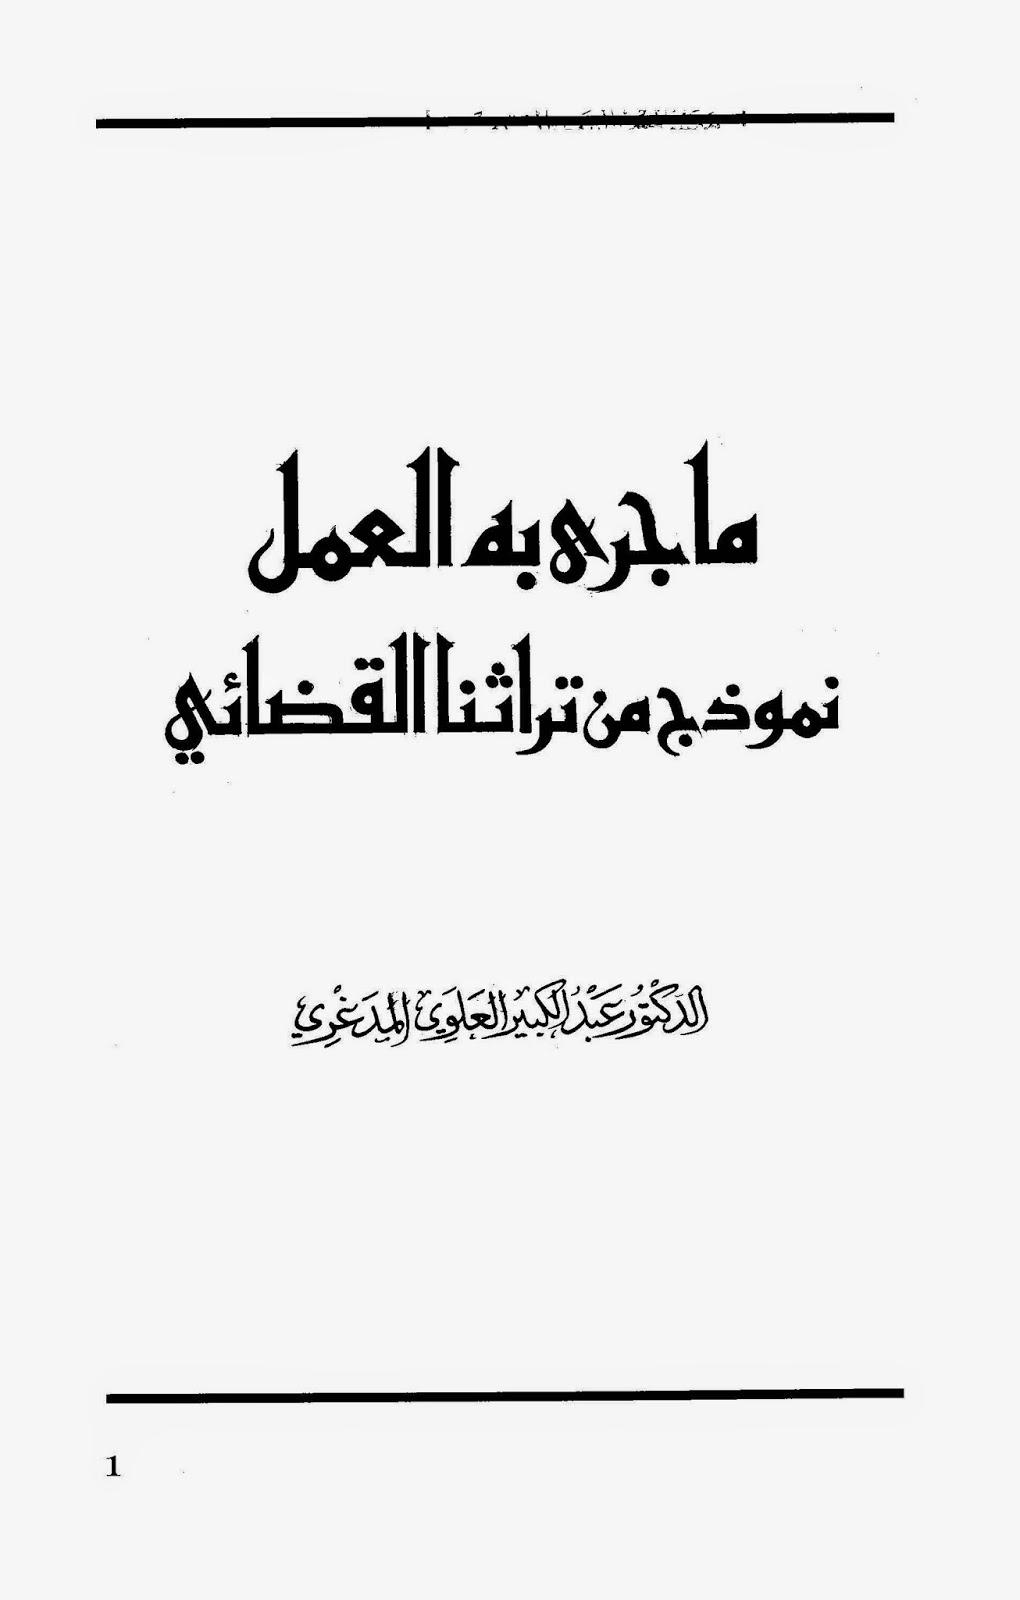 ما جرى به العمل نموذج من تراثنا القضائي - عبد الكبير العلوي المدغري